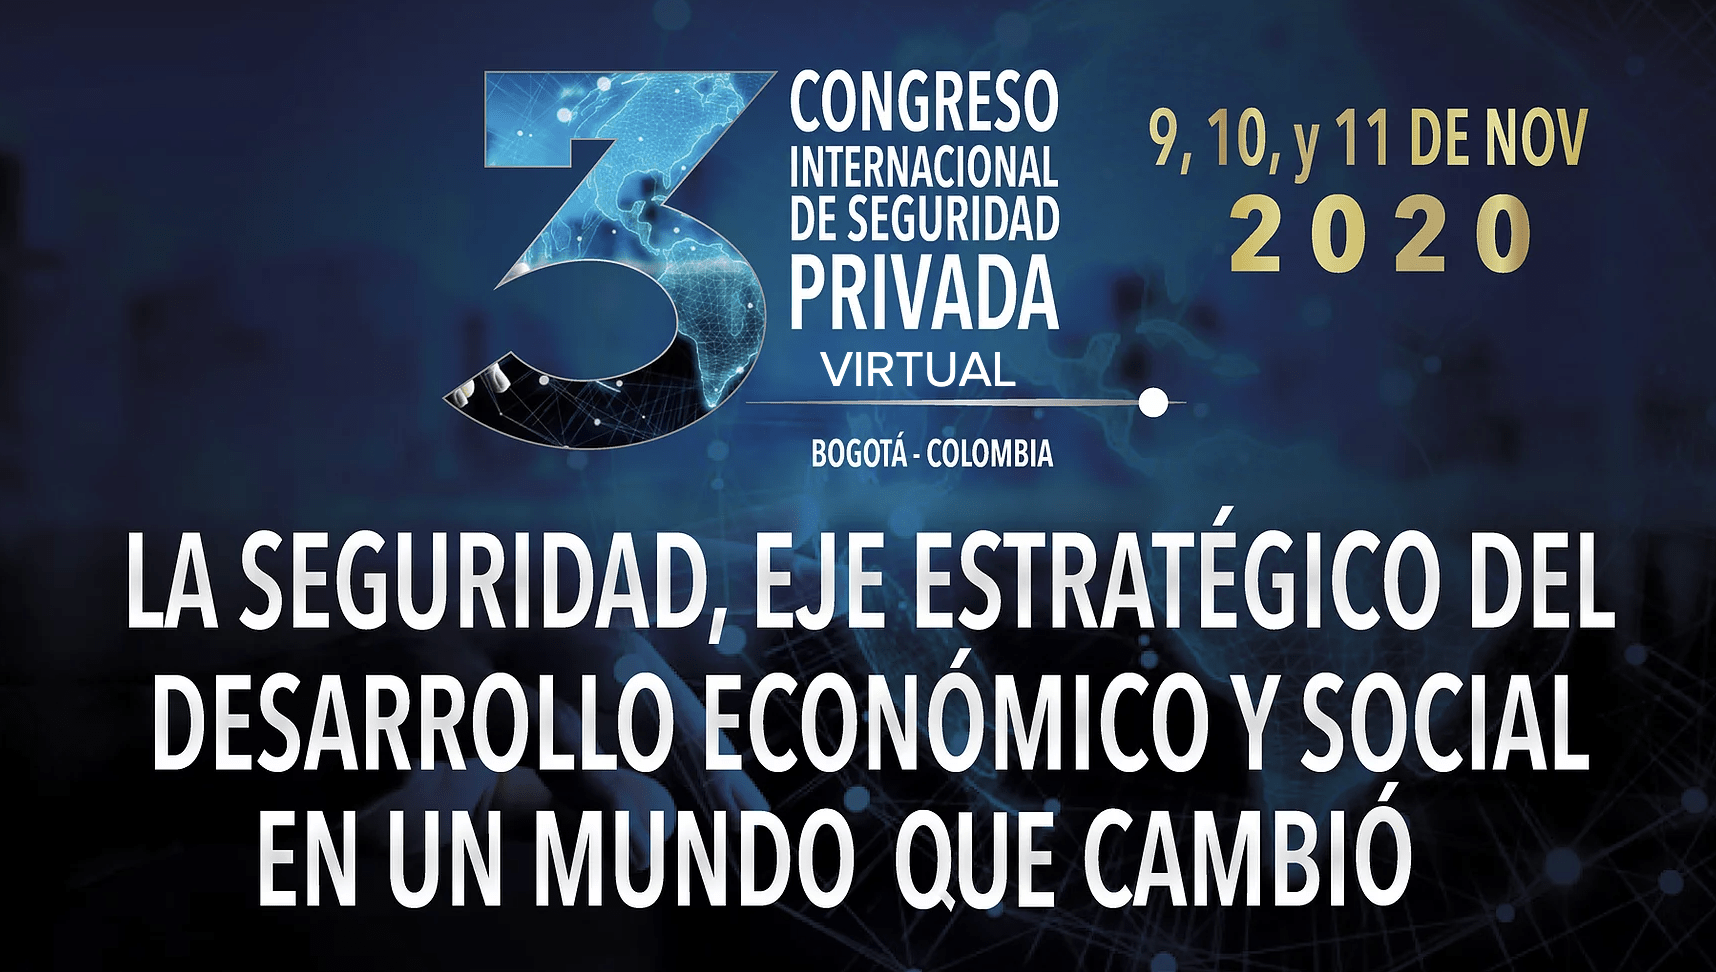 CONFEVIP - CONGRESO INTERNACIONAL DE SEGURIDAD PRIVADA